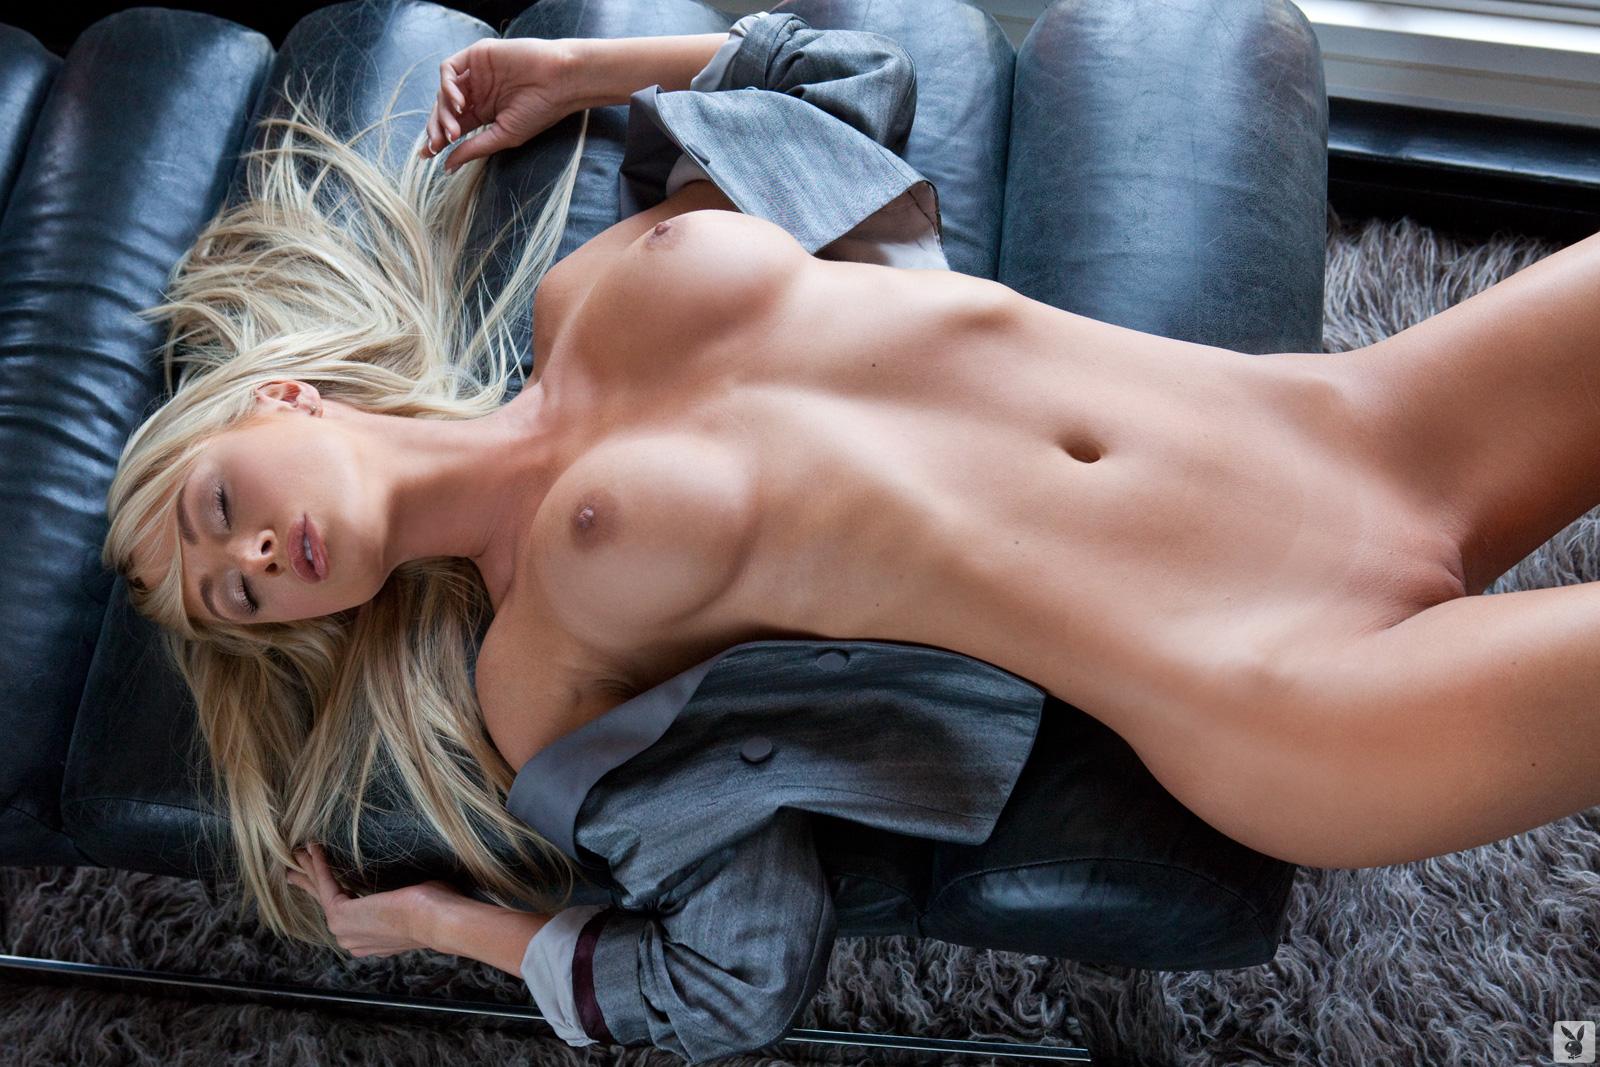 golaya-blondinka-s-imenami